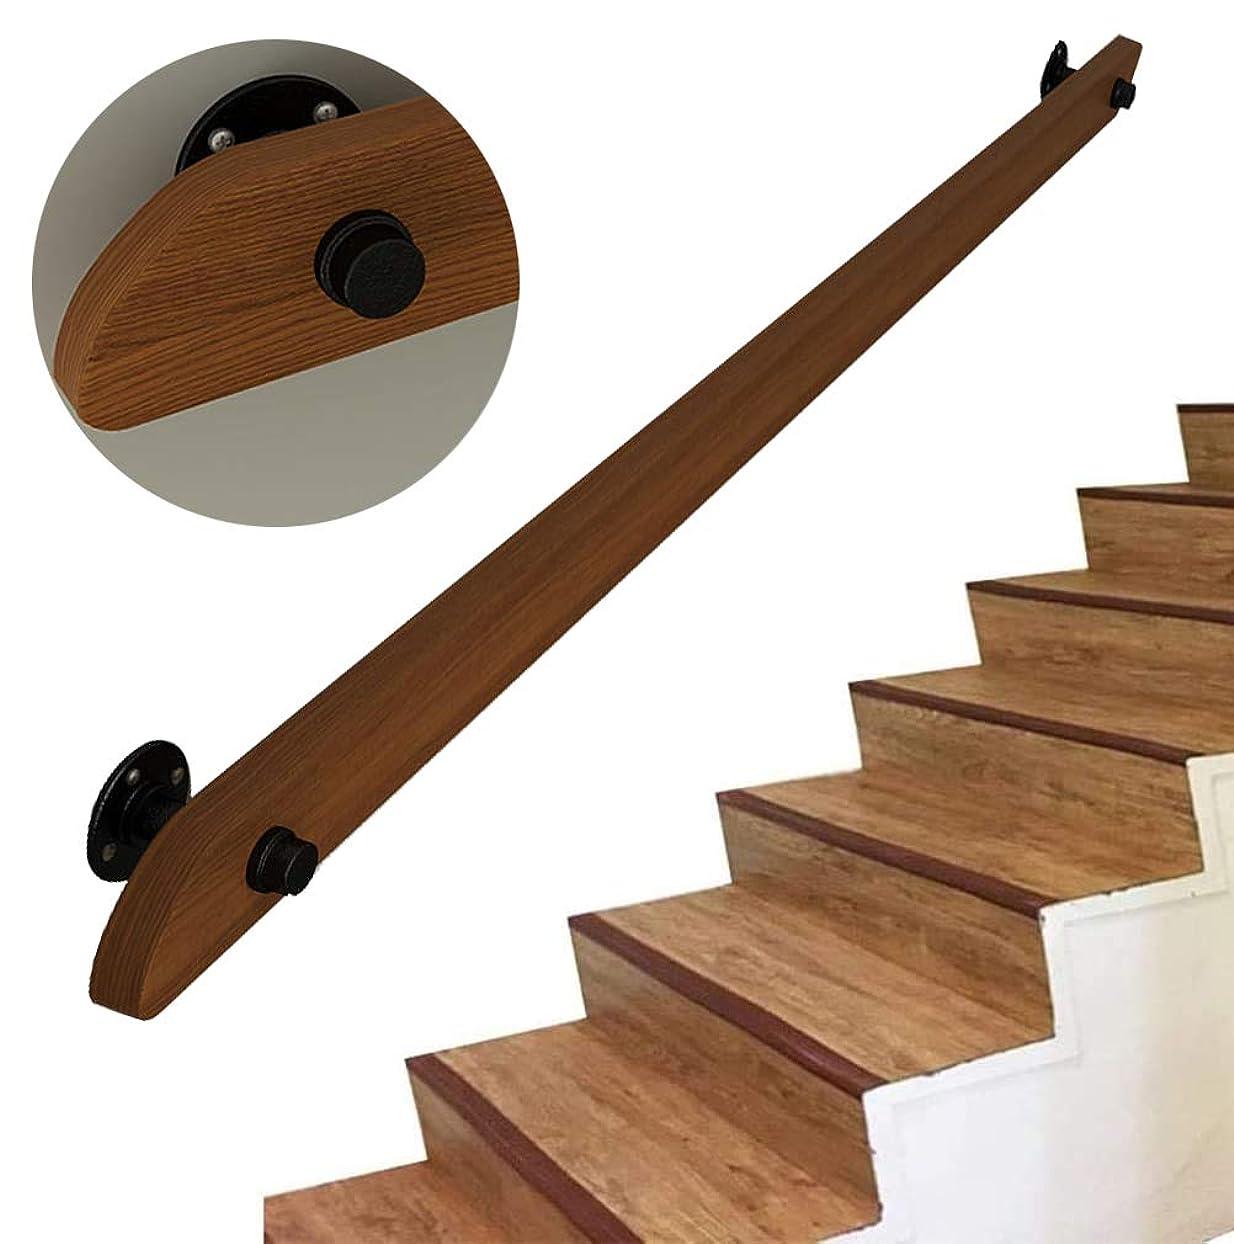 朝ごはん共感するアスレチックCFJRB 屋内階段ステップ用の木製手すり、1ft-19ft。プロのノンスリップパイン手すり一式キット、壁取り付け式家の廊下ロフトデッキ手すり(Size:15ft / 450cm)